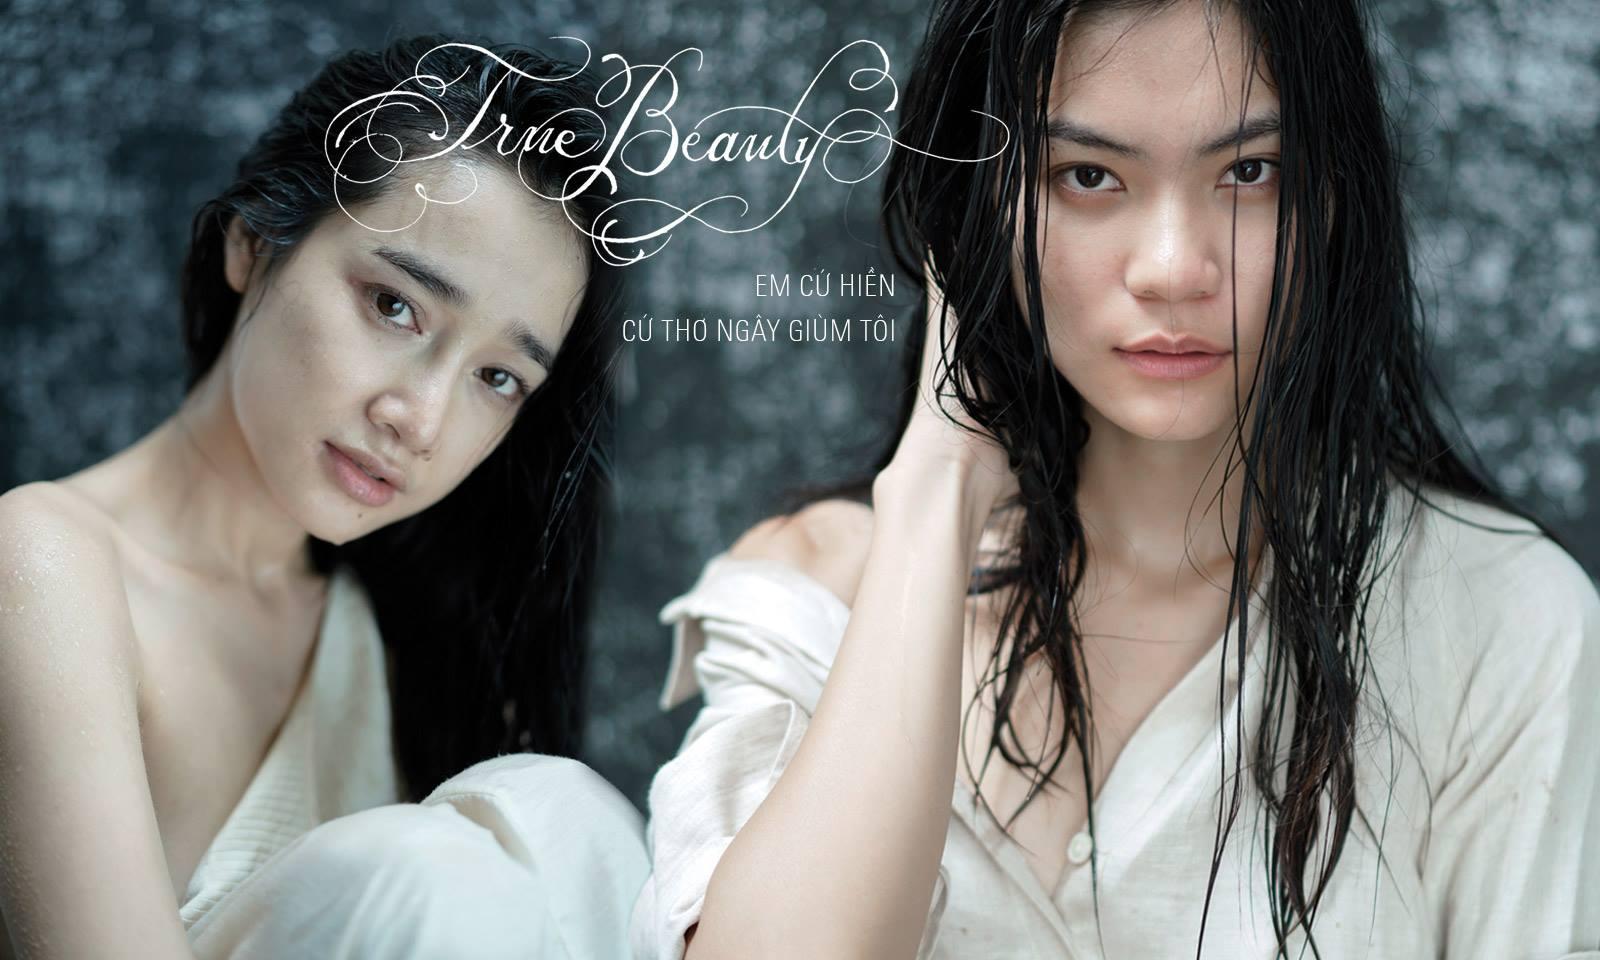 True Beauty: Em cứ hiền cứ thơ ngây giùm tôi (*)